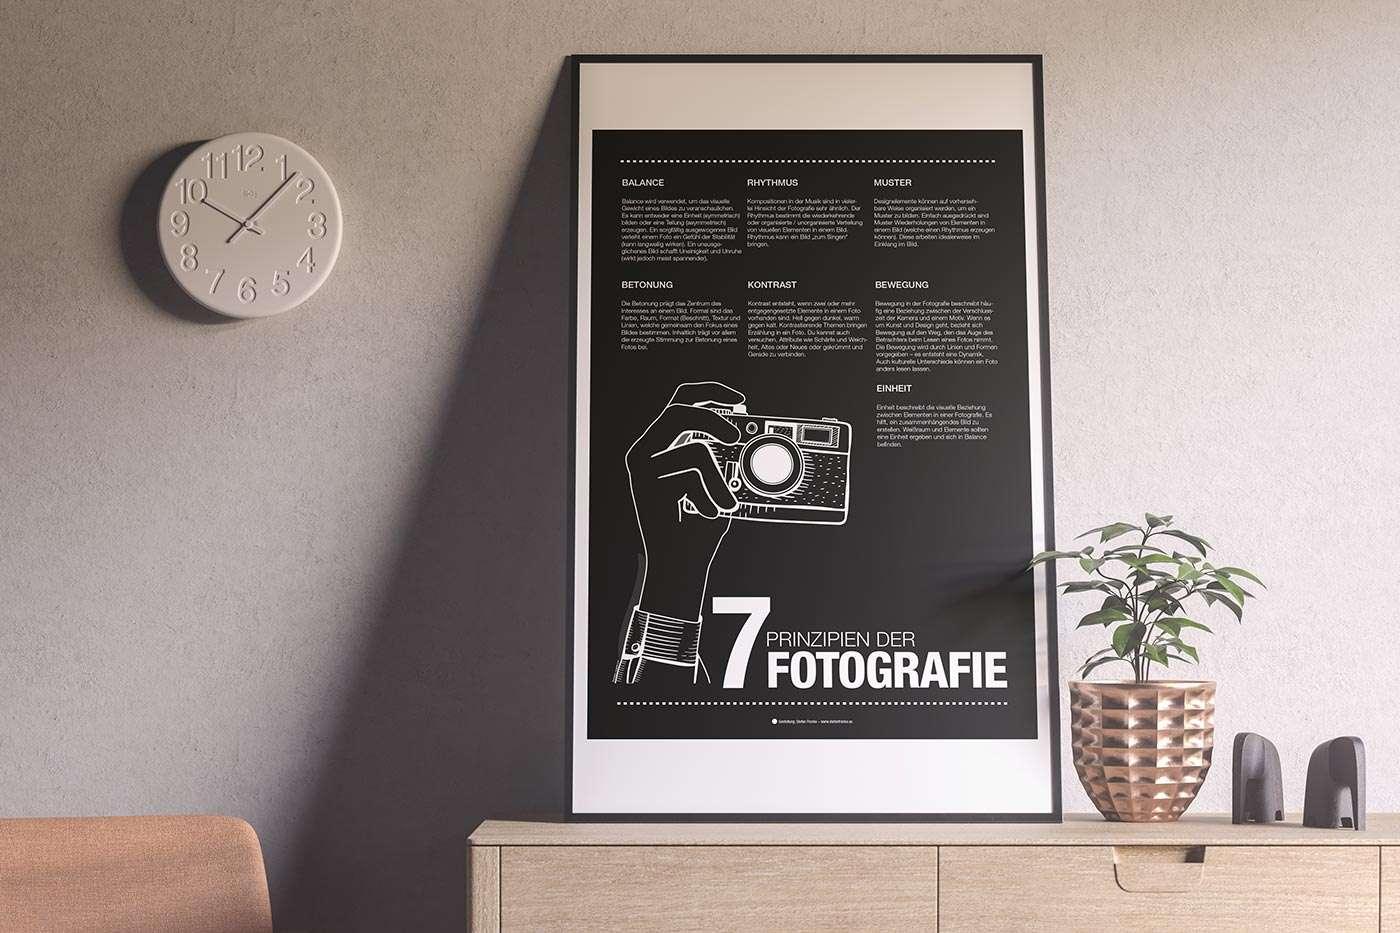 Plakat Fotografie Prinzipien der Fotografie Stefan Franke